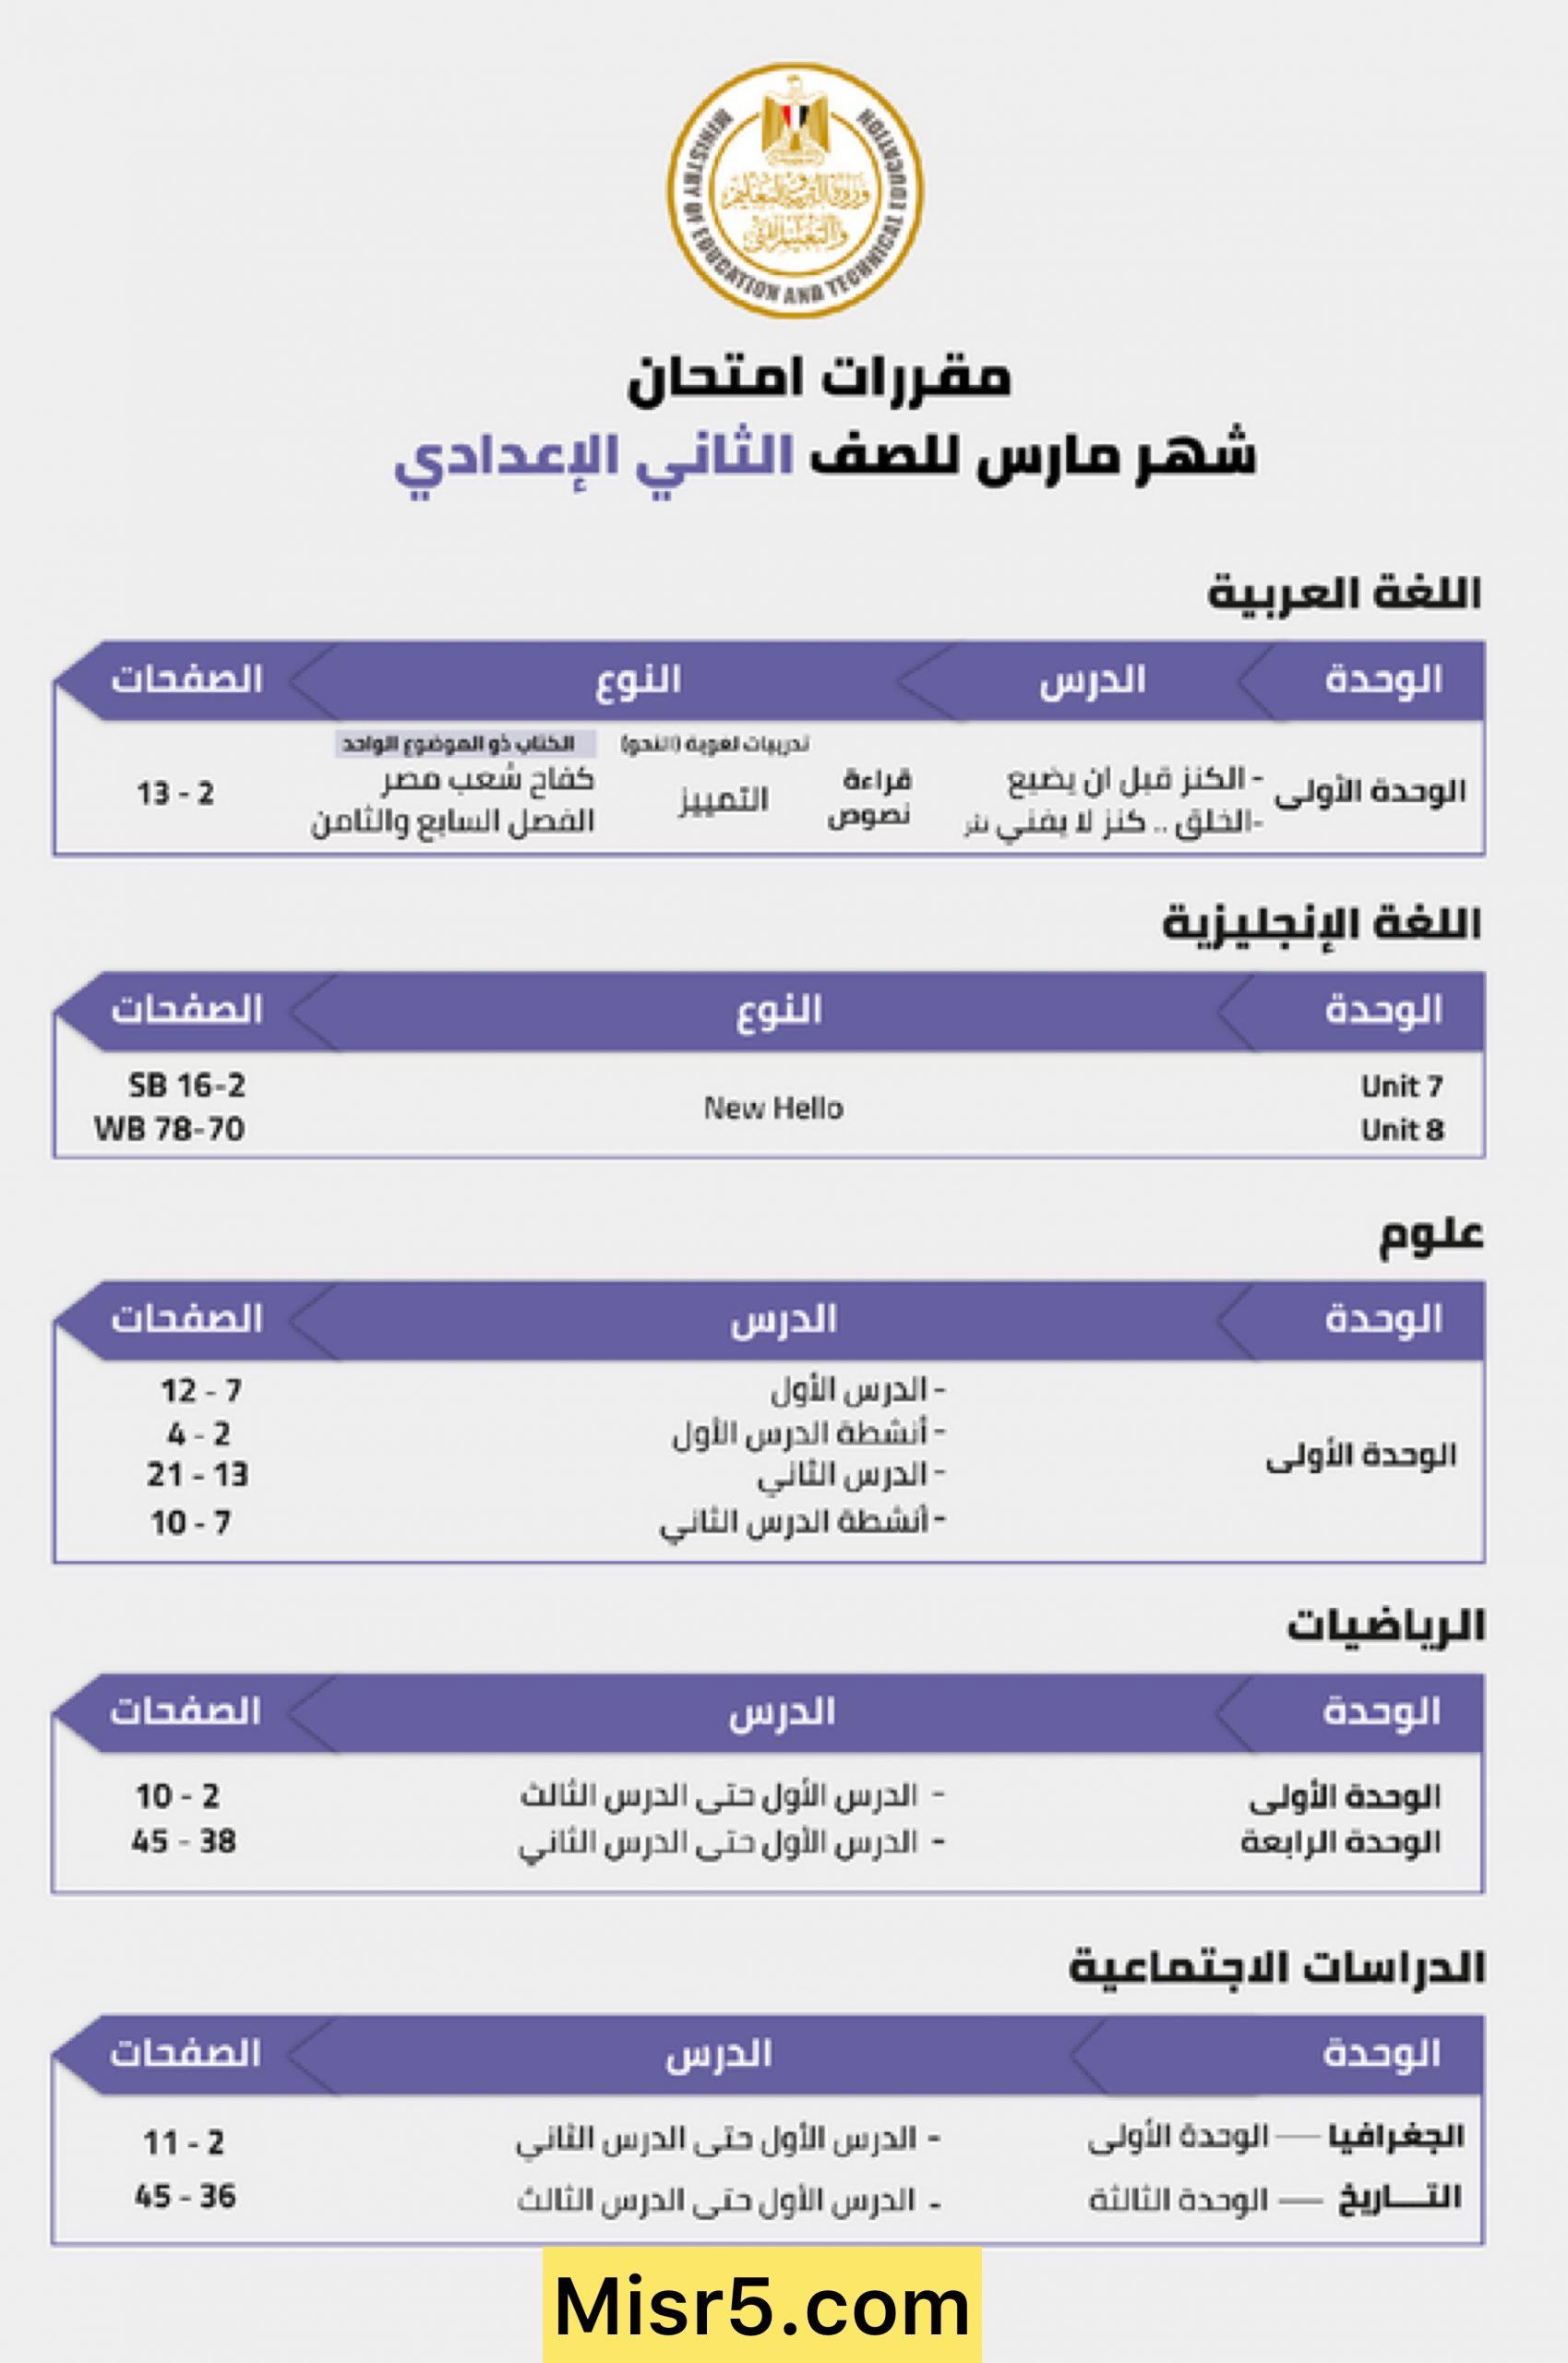 عاجل وزارة التربية والتعليم | تعلن مقررات مراحل الإبتدائية والإعدادية لشهر مارس 5